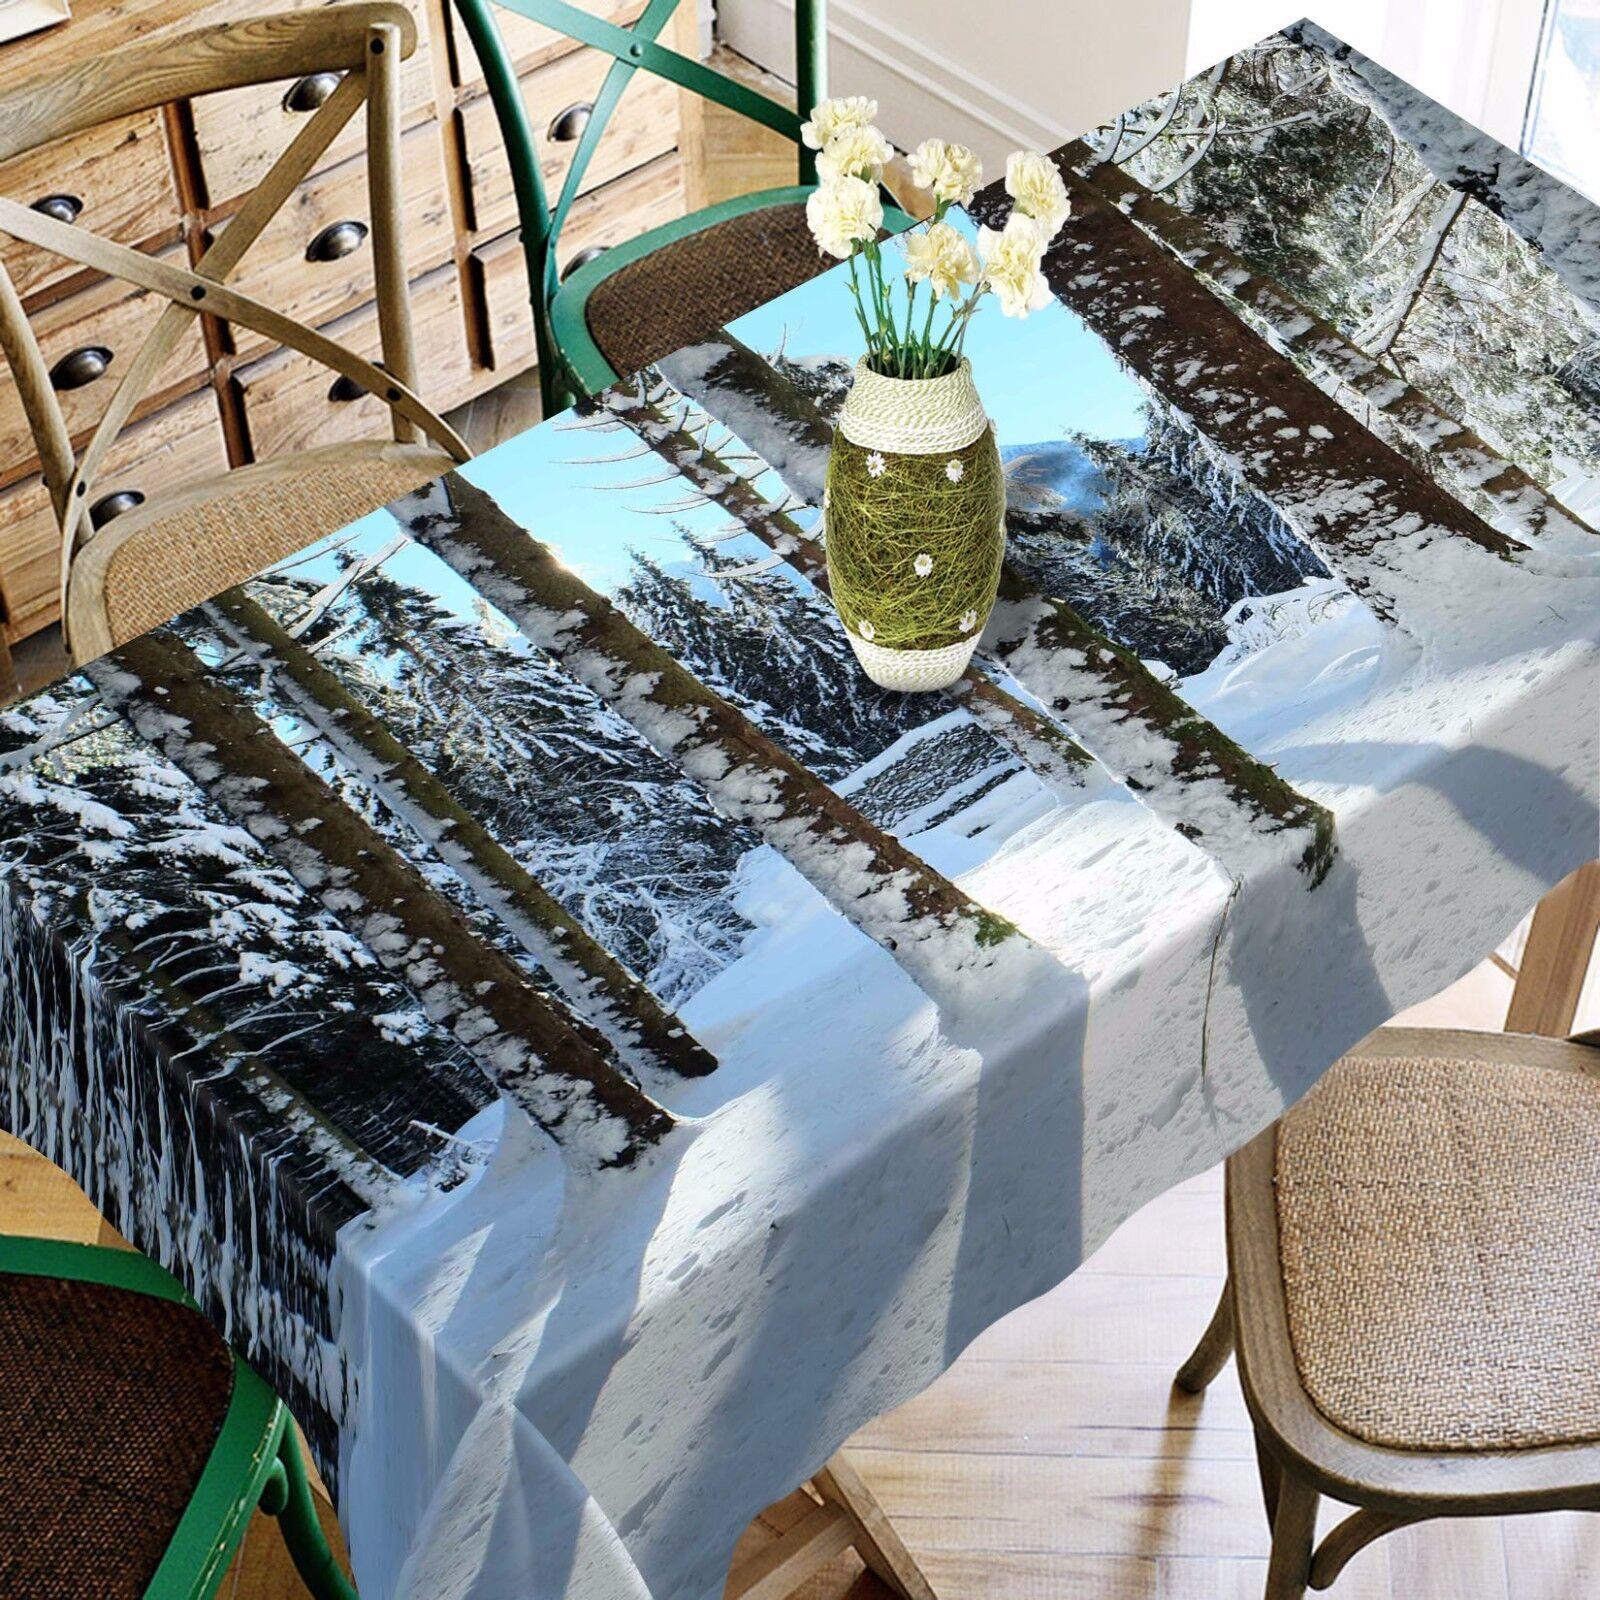 3D Blanche neige Nappe Table Cover Cloth fête d'anniversaire AJ papier peint Royaume-Uni Citron